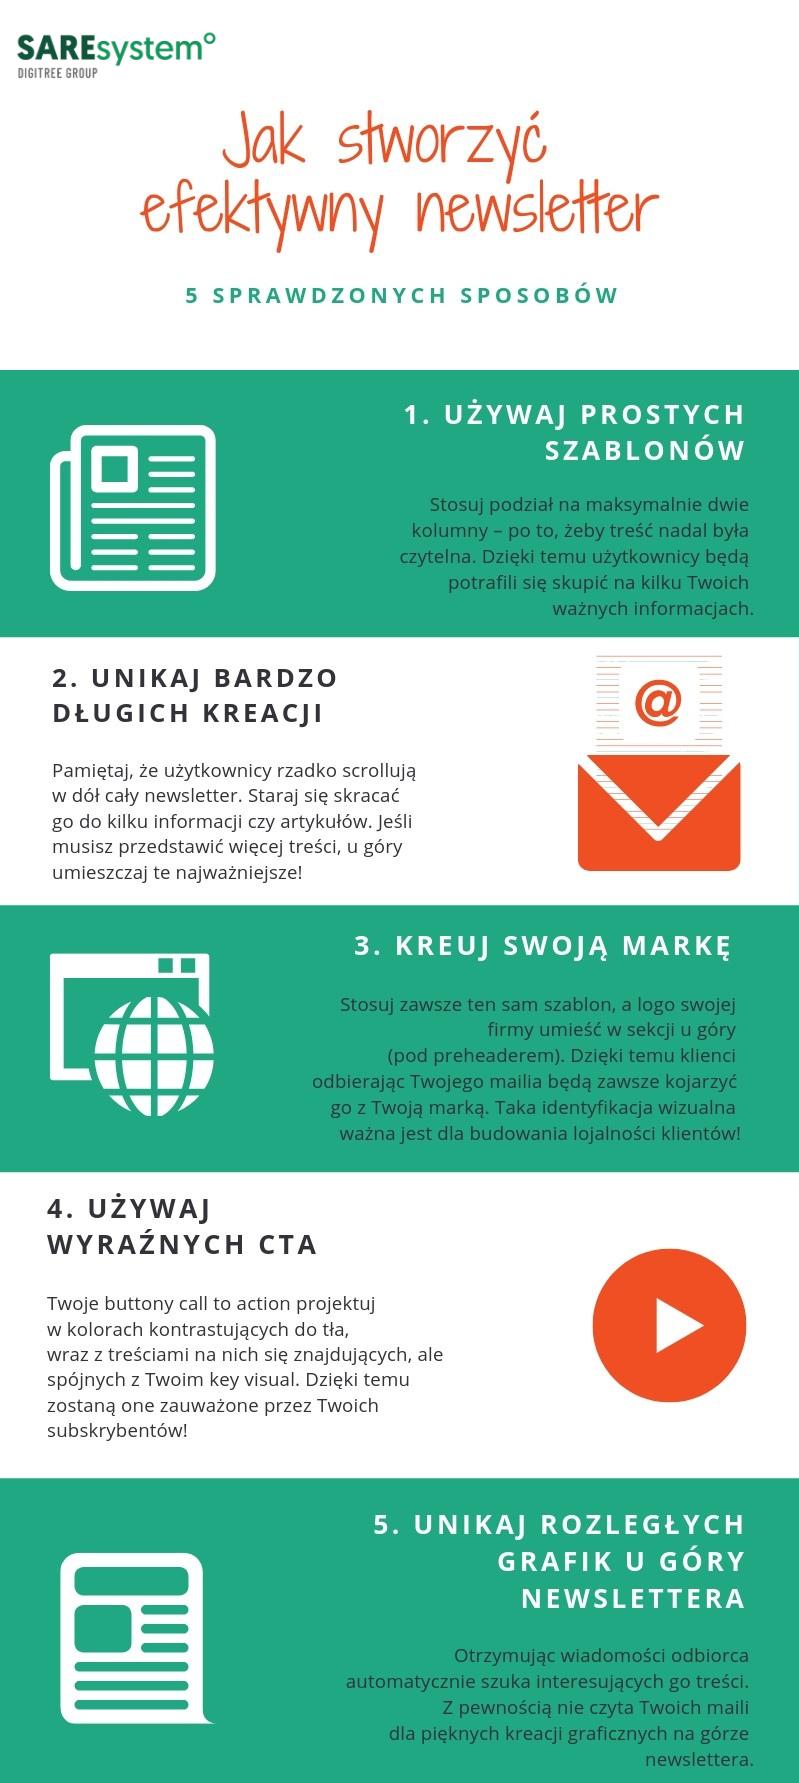 Jak stworzyć efektywny newsletter